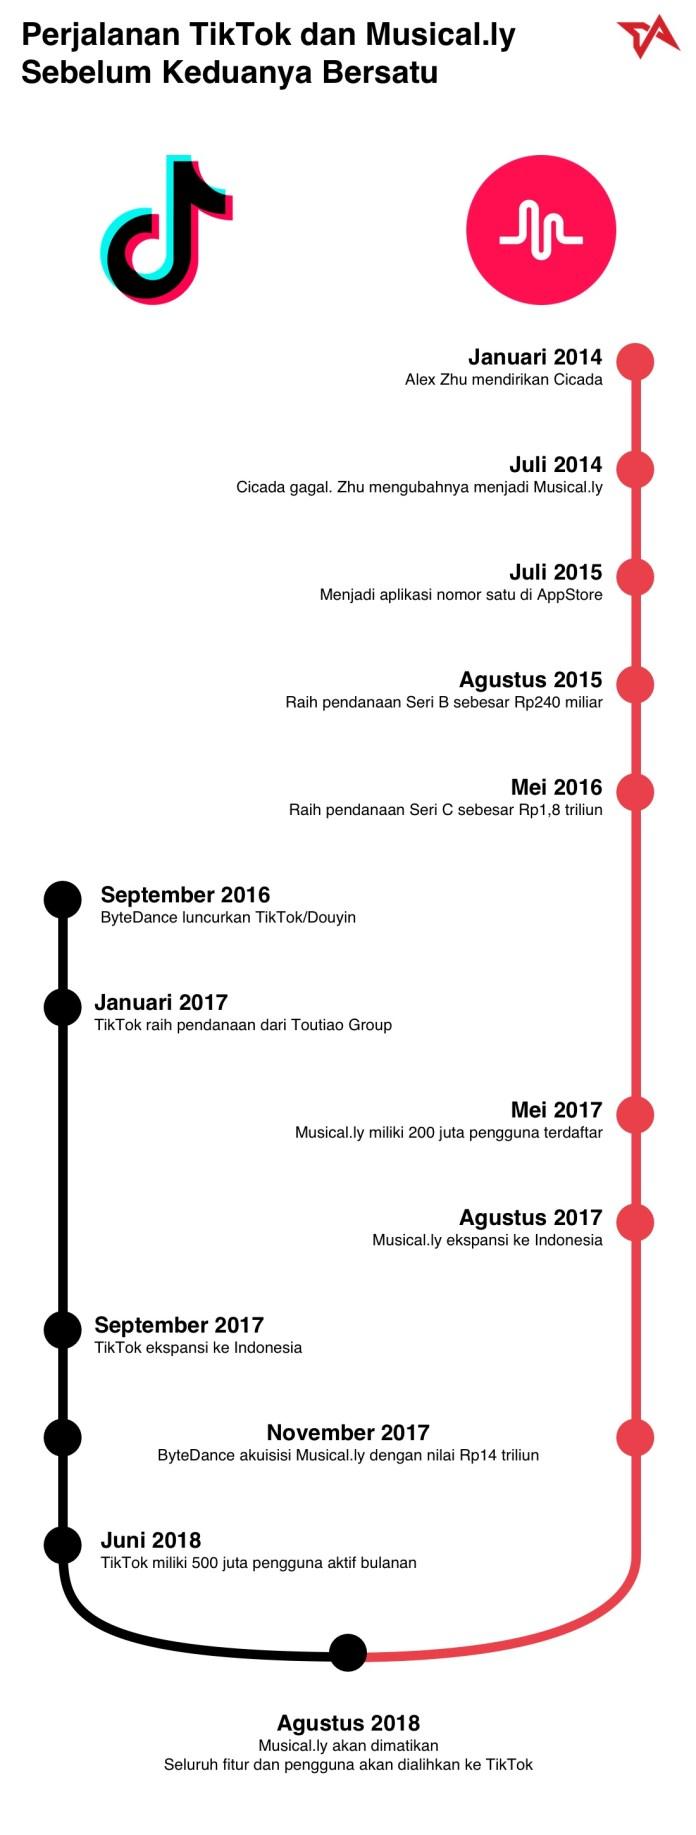 Infografis Perjalanan Aplikasi Video Singkat TikTok